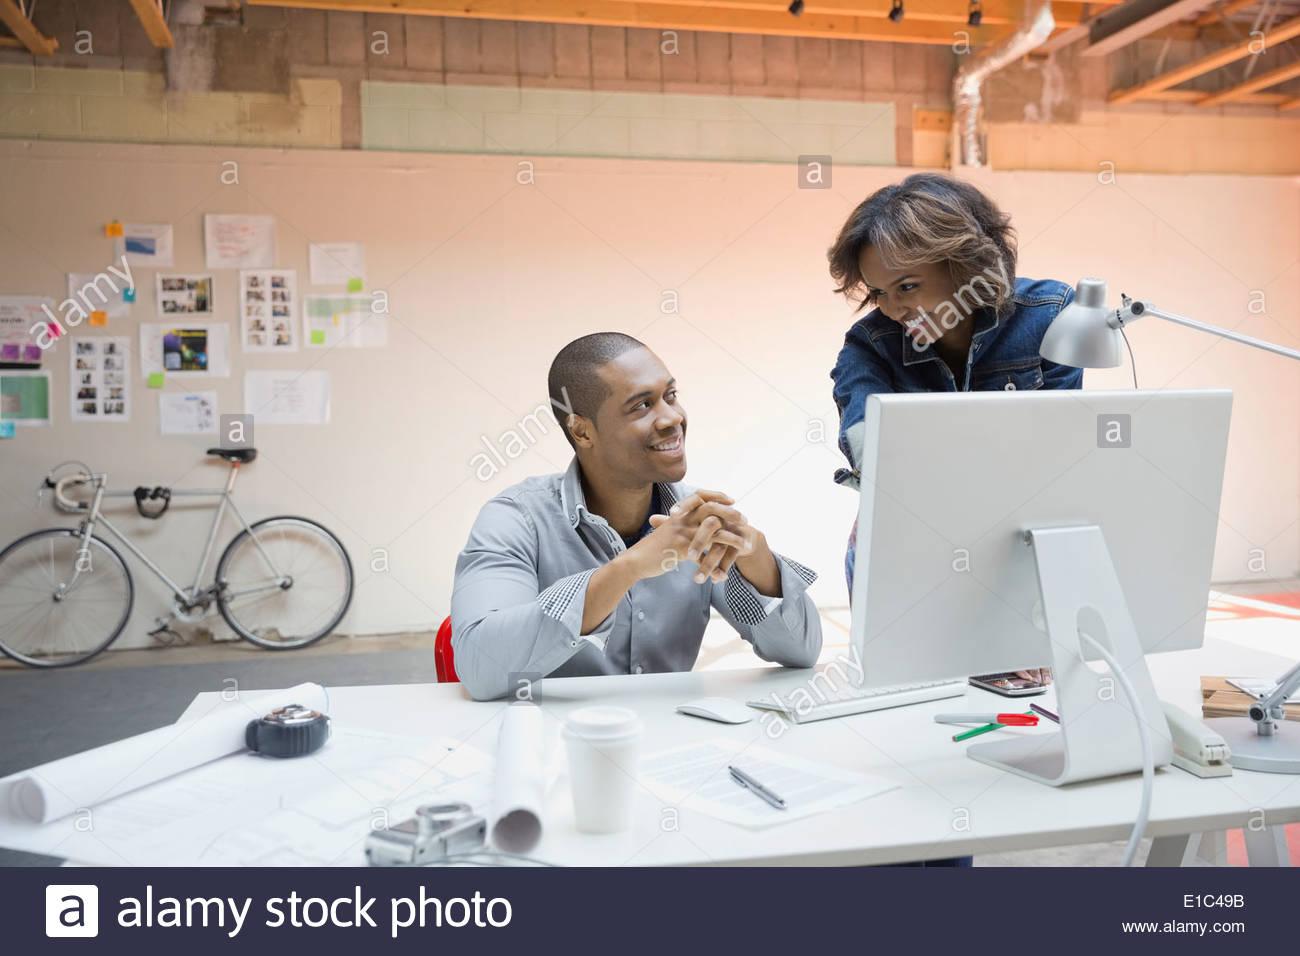 La gente di affari lavorando al computer in ufficio Immagini Stock